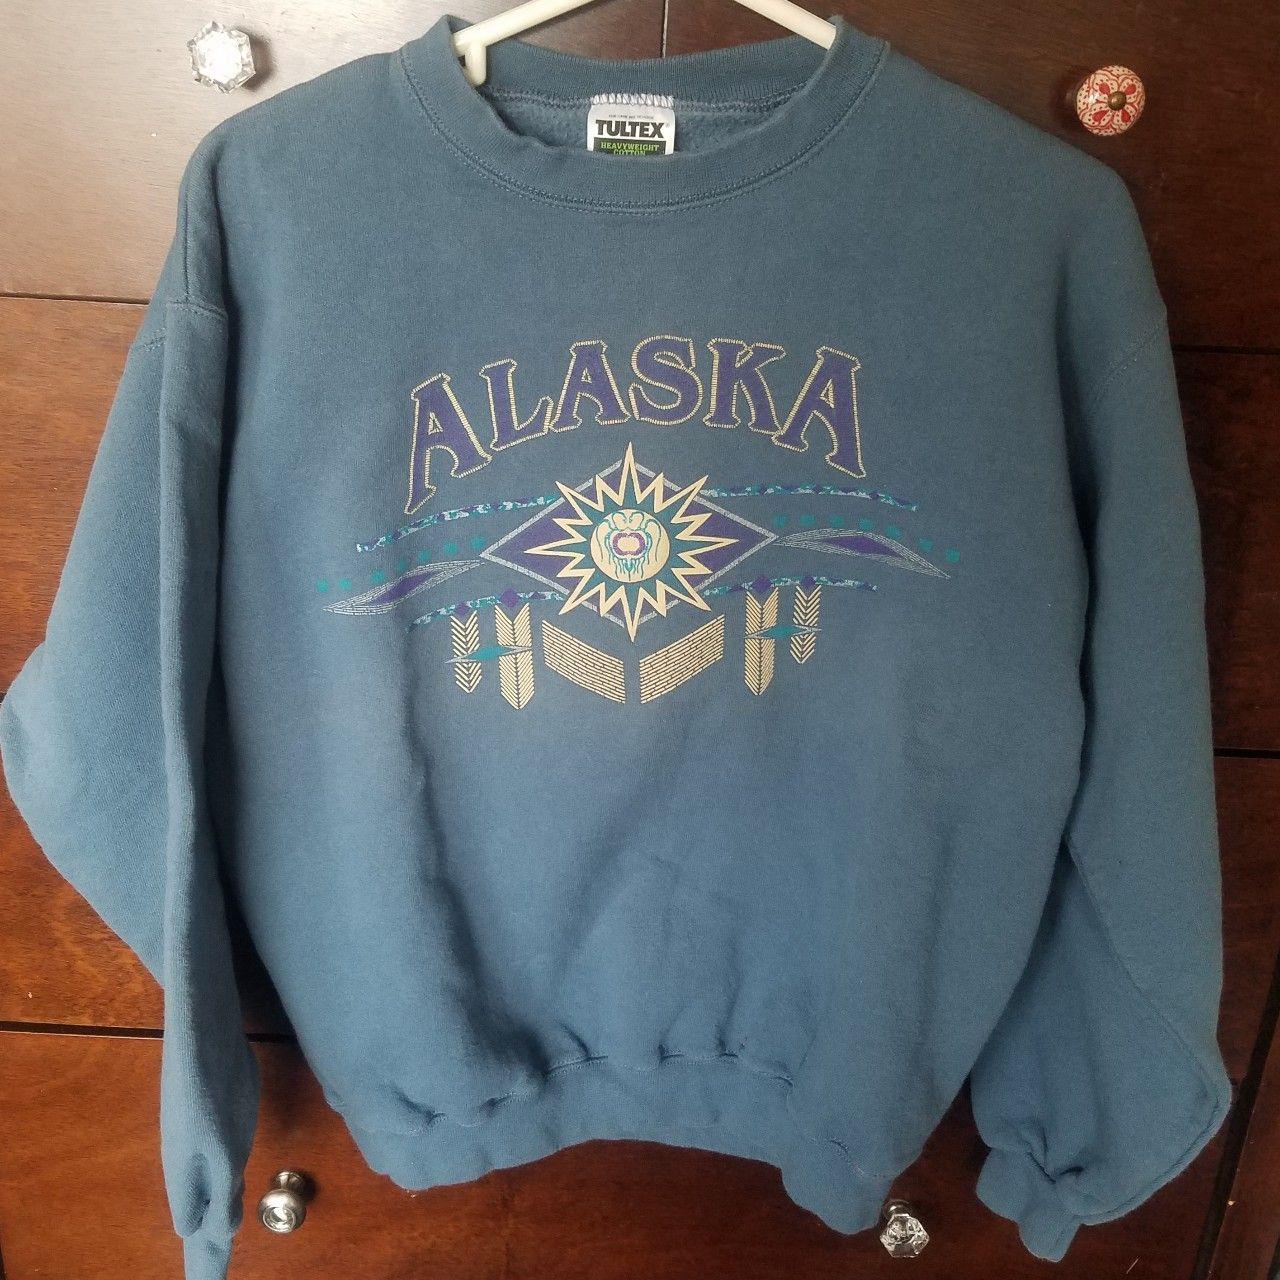 Vintage Vtg Alaska Blue Crewneck Sweatshirt Old Depop Vintage Crewneck Sweatshirt Crewneck Sweatshirt Outfit Crew Neck Sweatshirt [ 1280 x 1280 Pixel ]